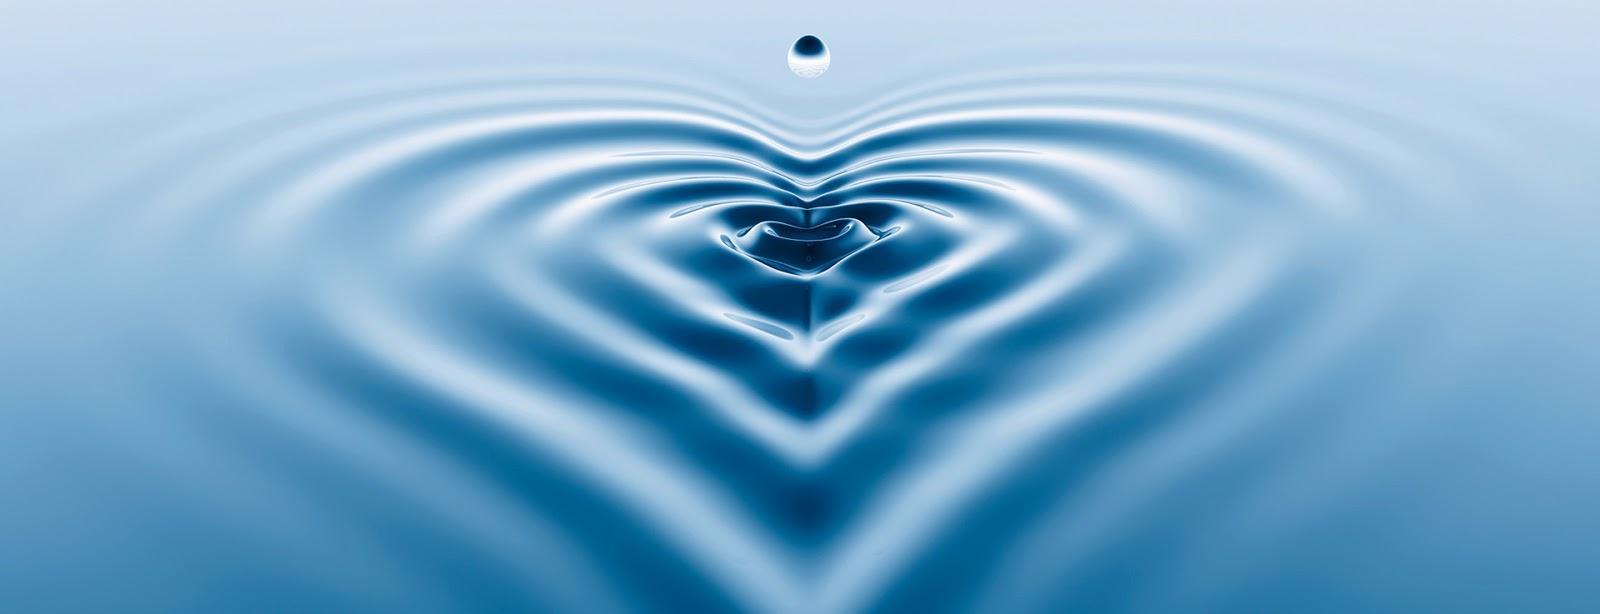 vesi ja soojus